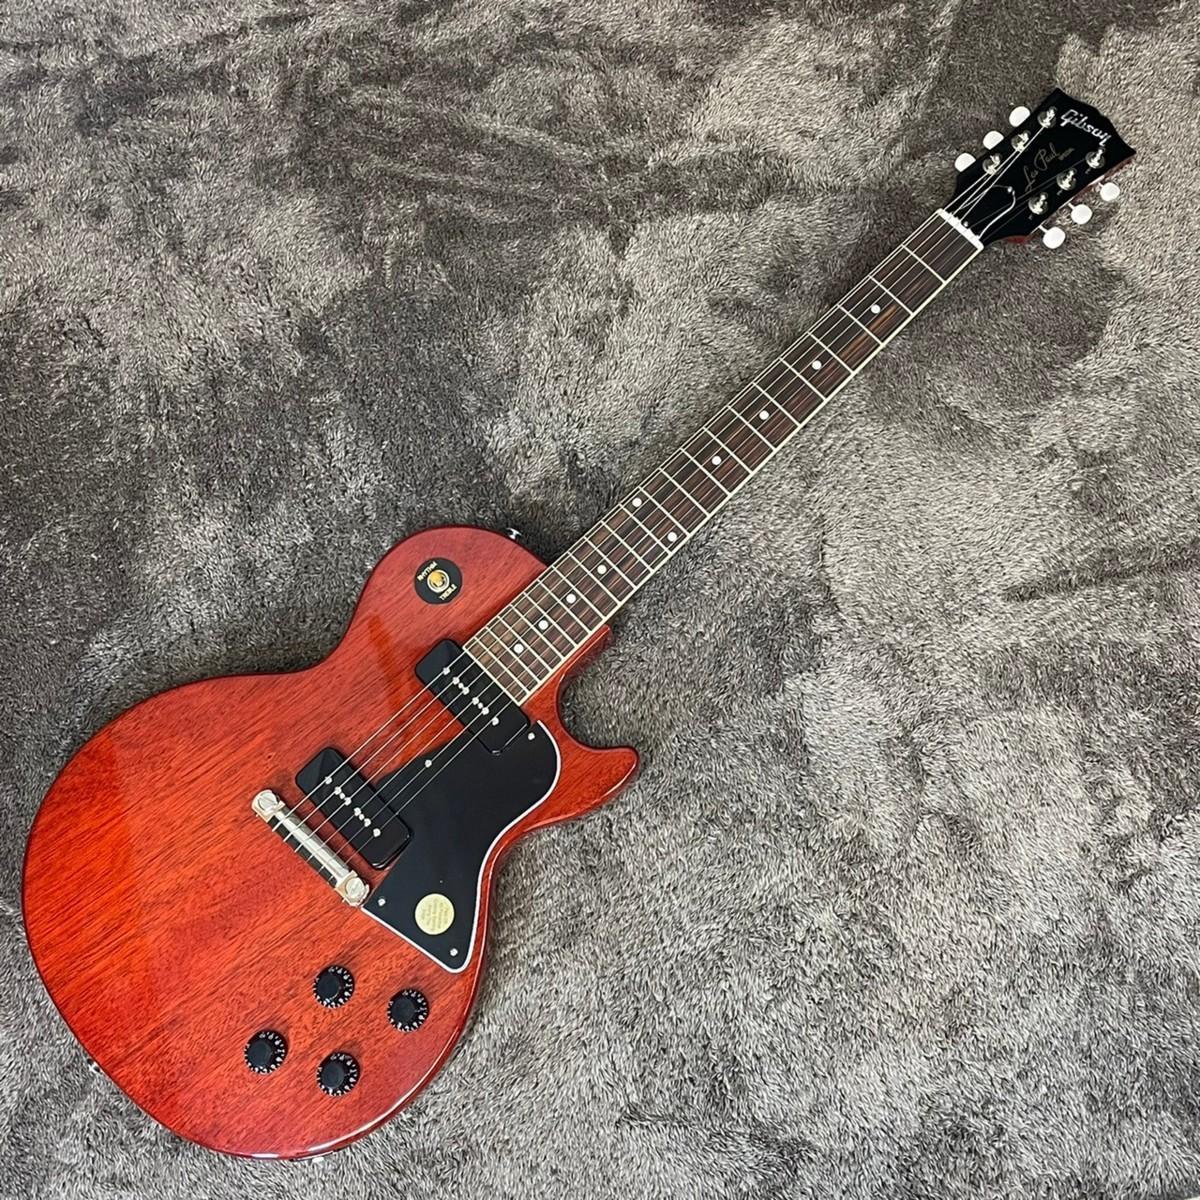 △新品 Gibson Les Paul Special Vintage Cherry ギブソン レスポール スペシャル 1円スタート 同梱不可【楽器】